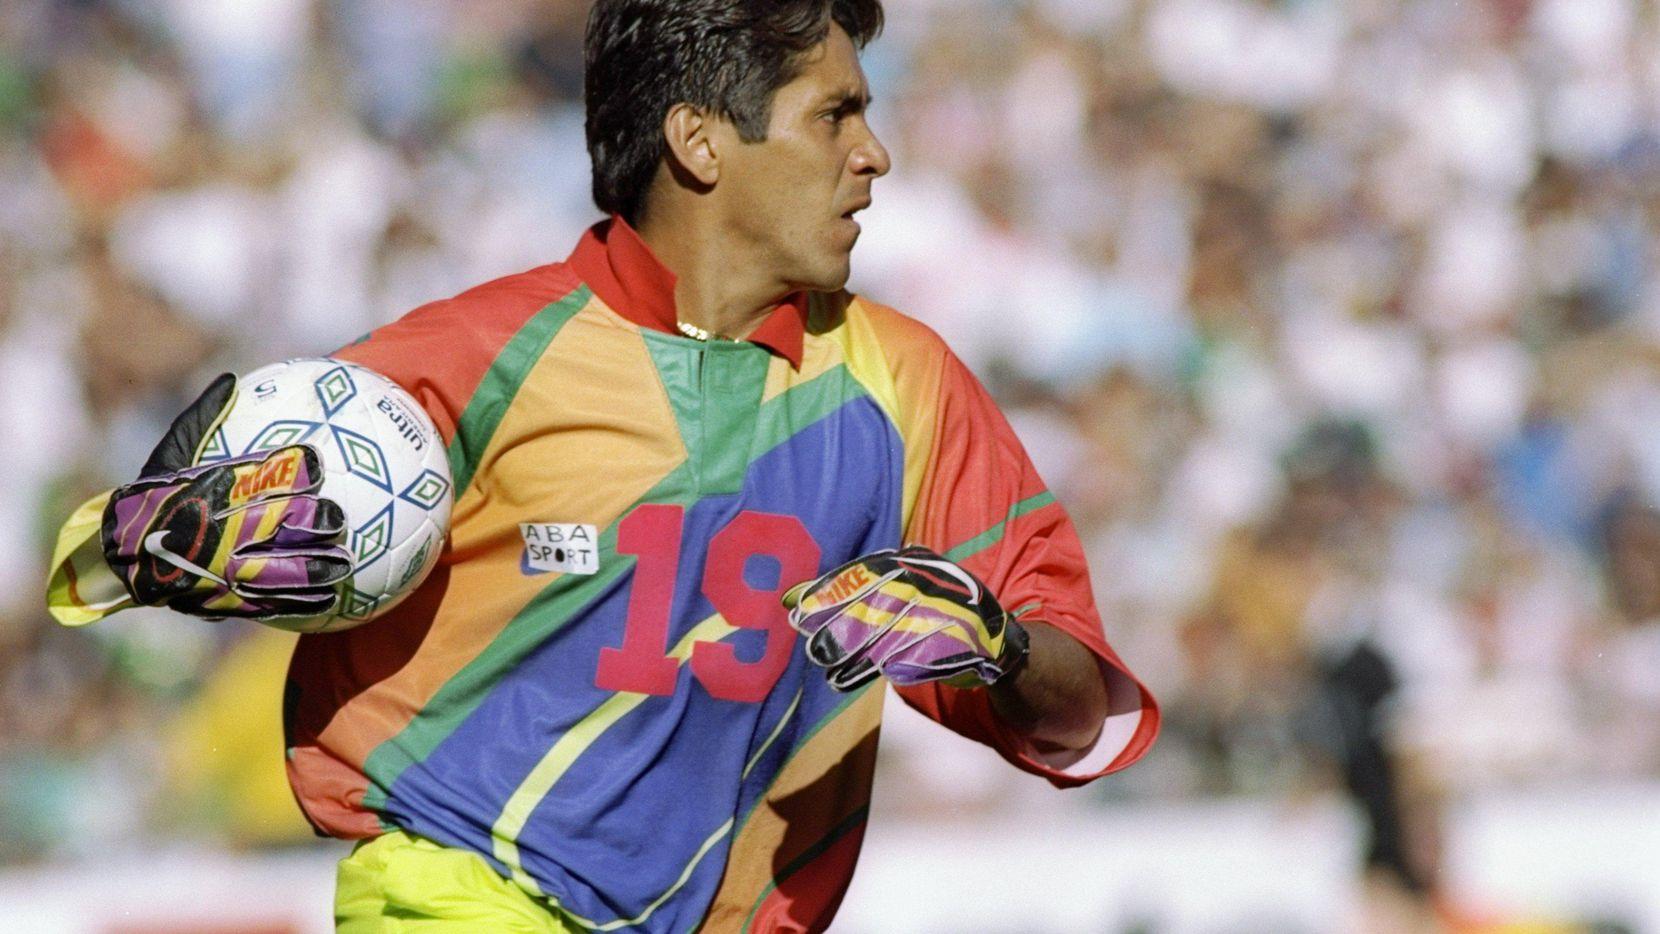 El arquero mexicano Jorge Campos fue mundialista en Estados Unidos 1994, Francia 1998 y Corea del Sur-Japón 2002. (Getty Images/Stephen Dunn)